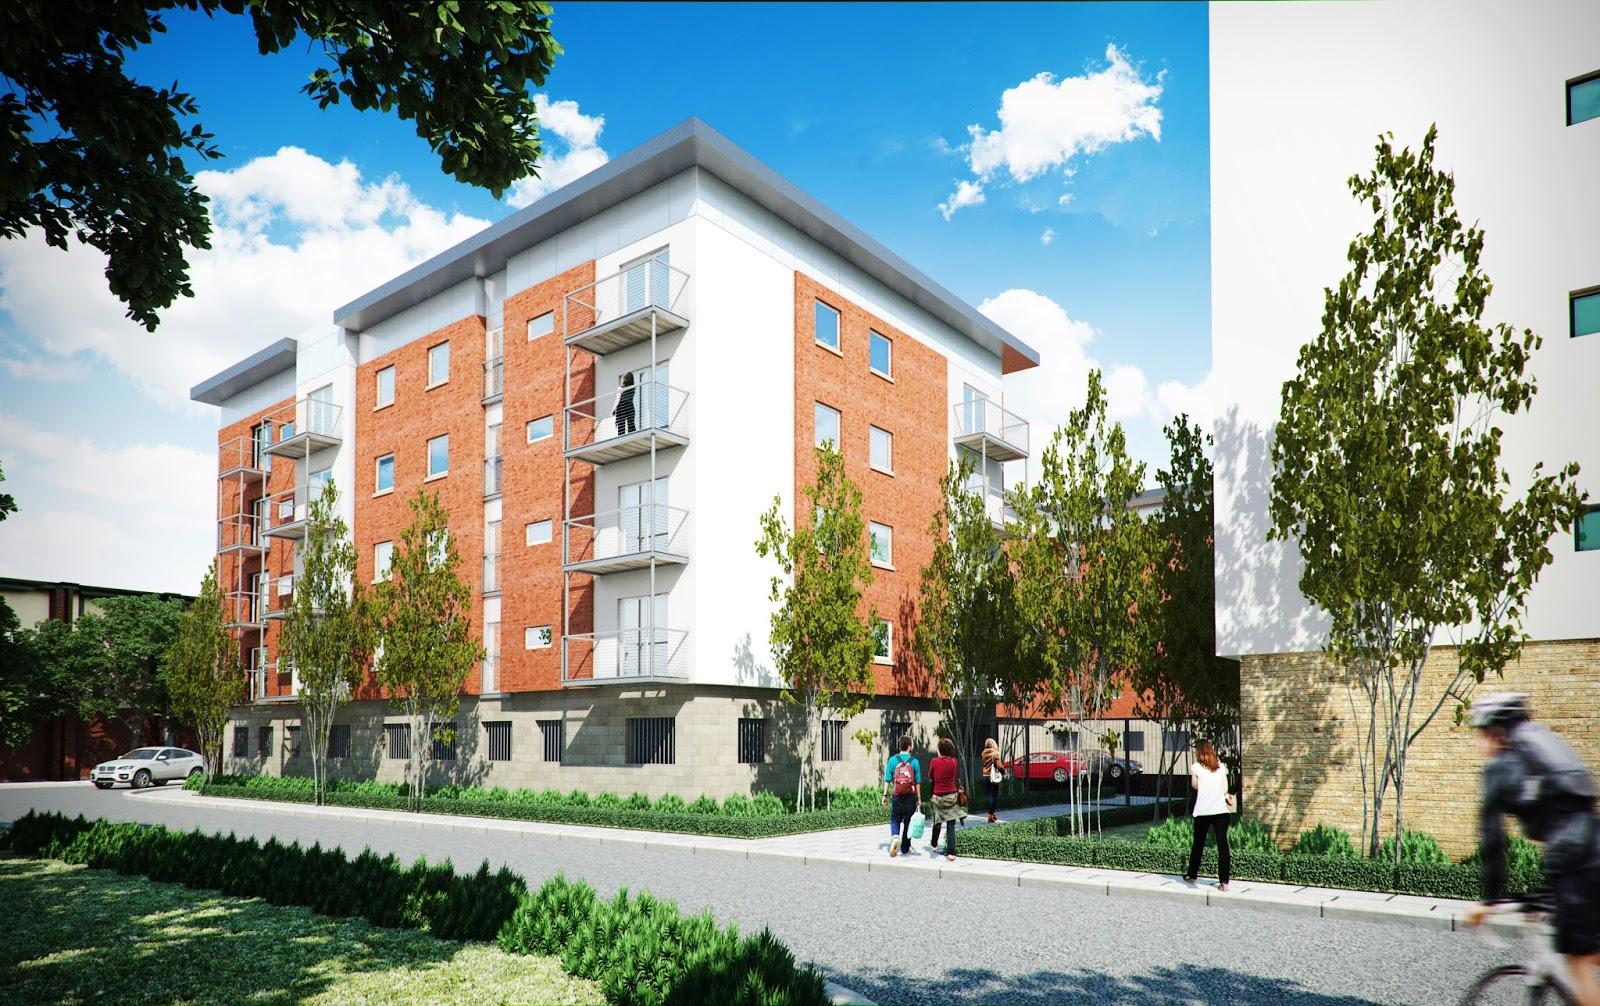 英國房地產-曼徹斯特住宅公寓